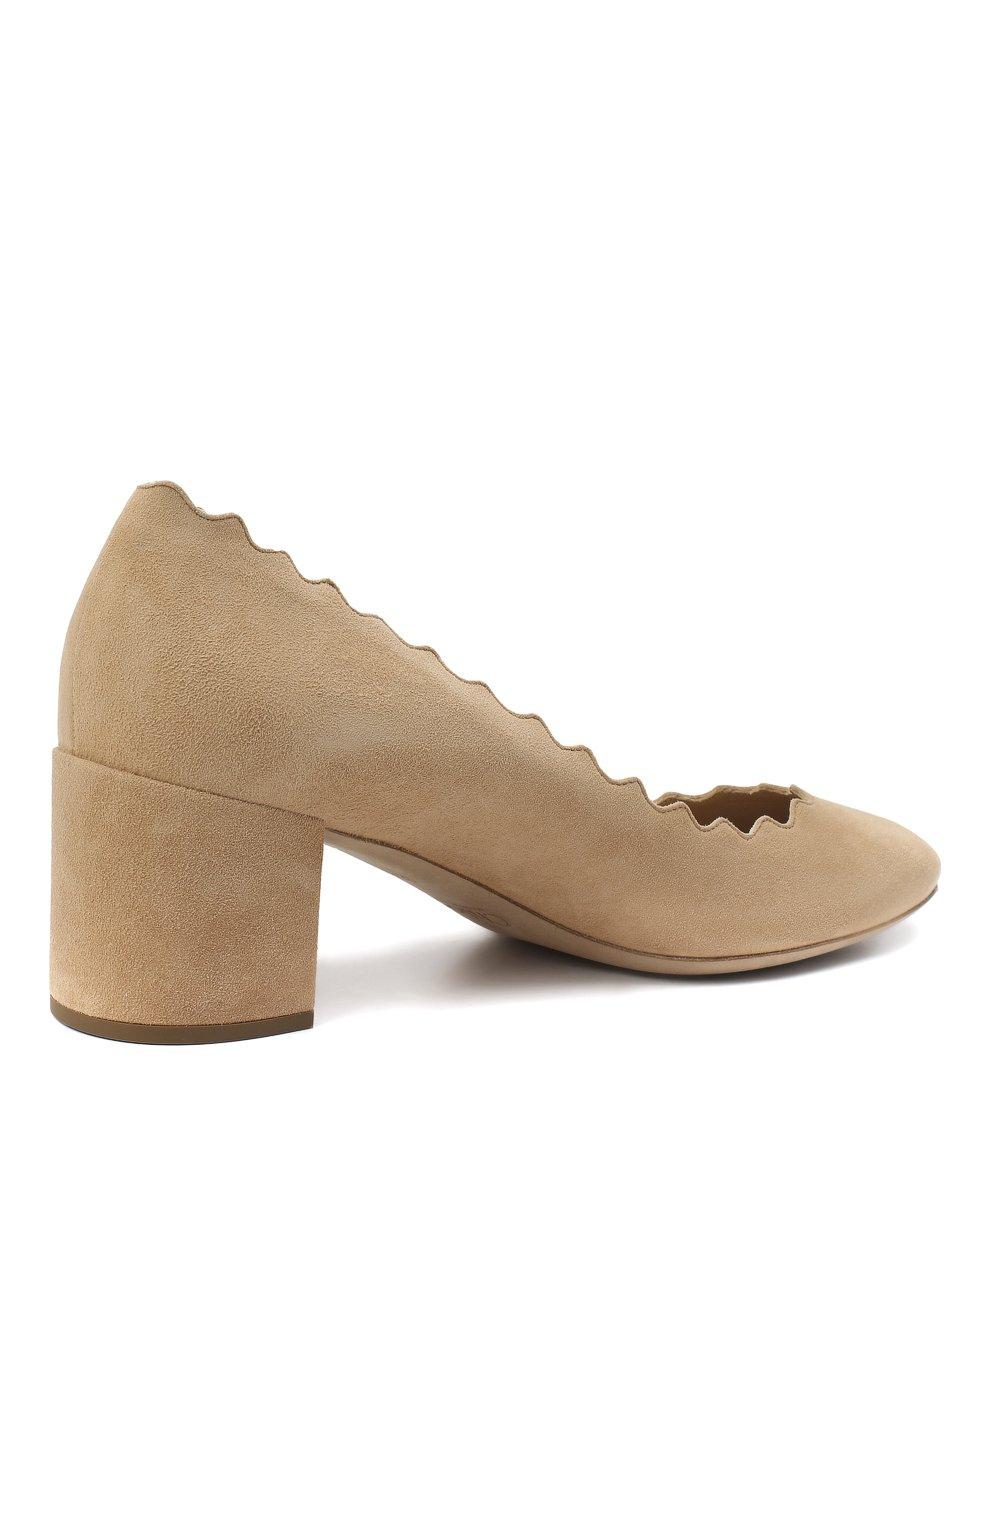 Замшевые туфли Lauren с фигурным вырезом   Фото №4